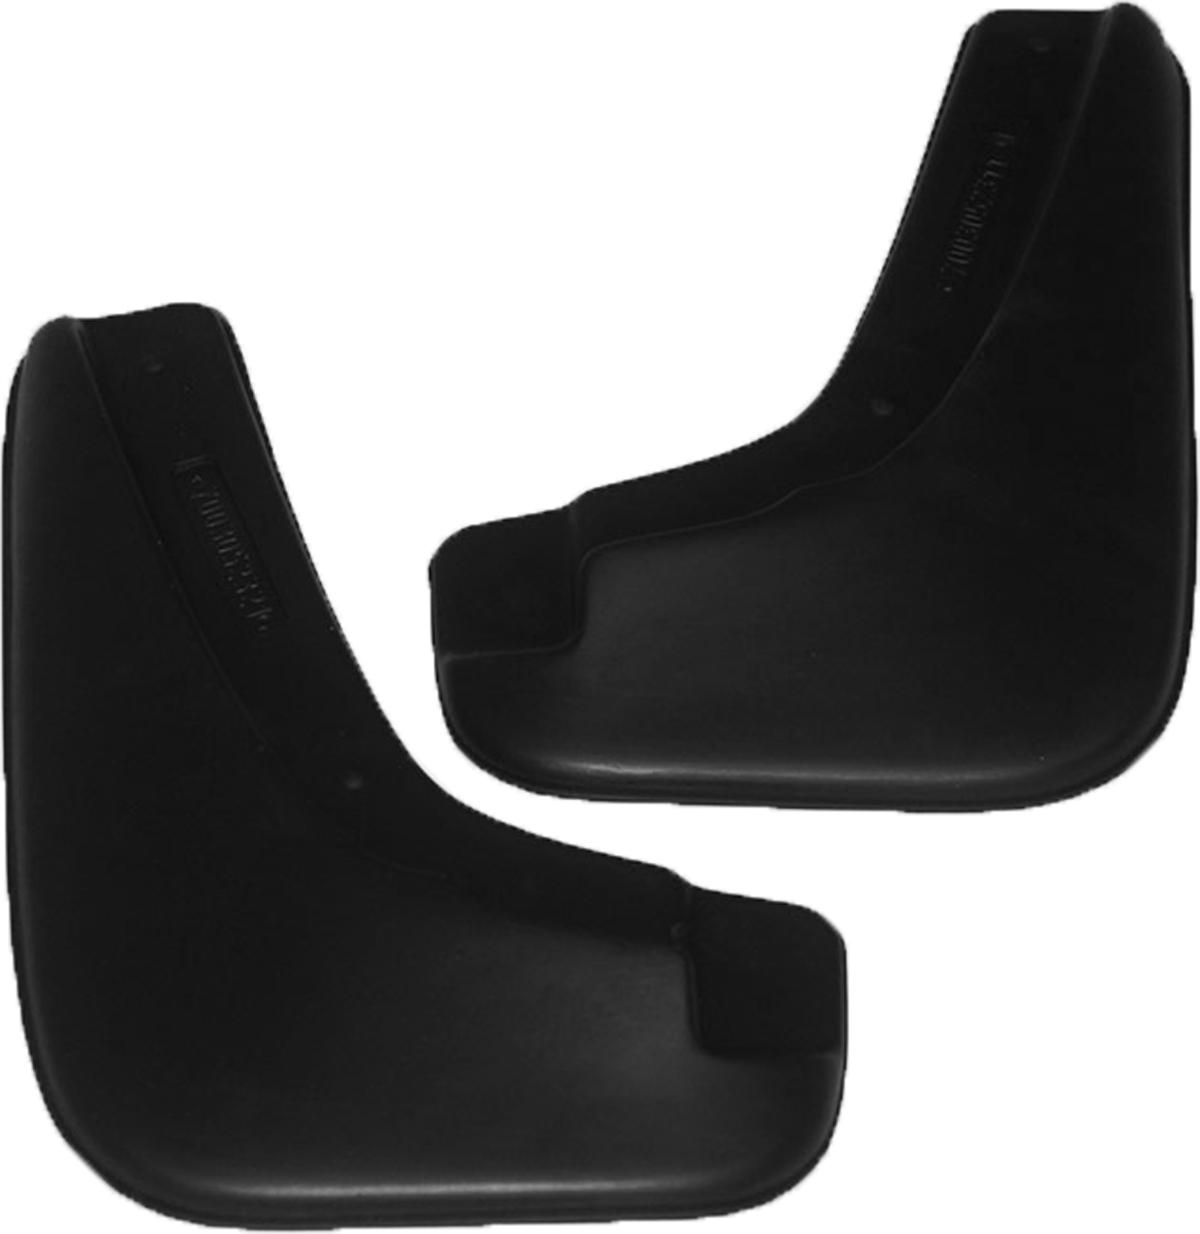 Комплект передних брызговиков L.Locker, для Kia Cerato (09-)7003052351Брызговики L.Locker изготовлены из высококачественного полиуретана. Уникальный состав брызговиков допускает их эксплуатацию в широком диапазоне температур: от -50°С до +80°С. Эффективно защищают кузов автомобиля от грязи и воды - формируют аэродинамический поток воздуха, создаваемый при движении вокруг кузова таким образом, чтобы максимально уменьшить образование грязевой измороси, оседающей на автомобиле. Разработаны индивидуально для каждой модели автомобиля, с эстетической точки зрения брызговики являются завершением колесной арки.